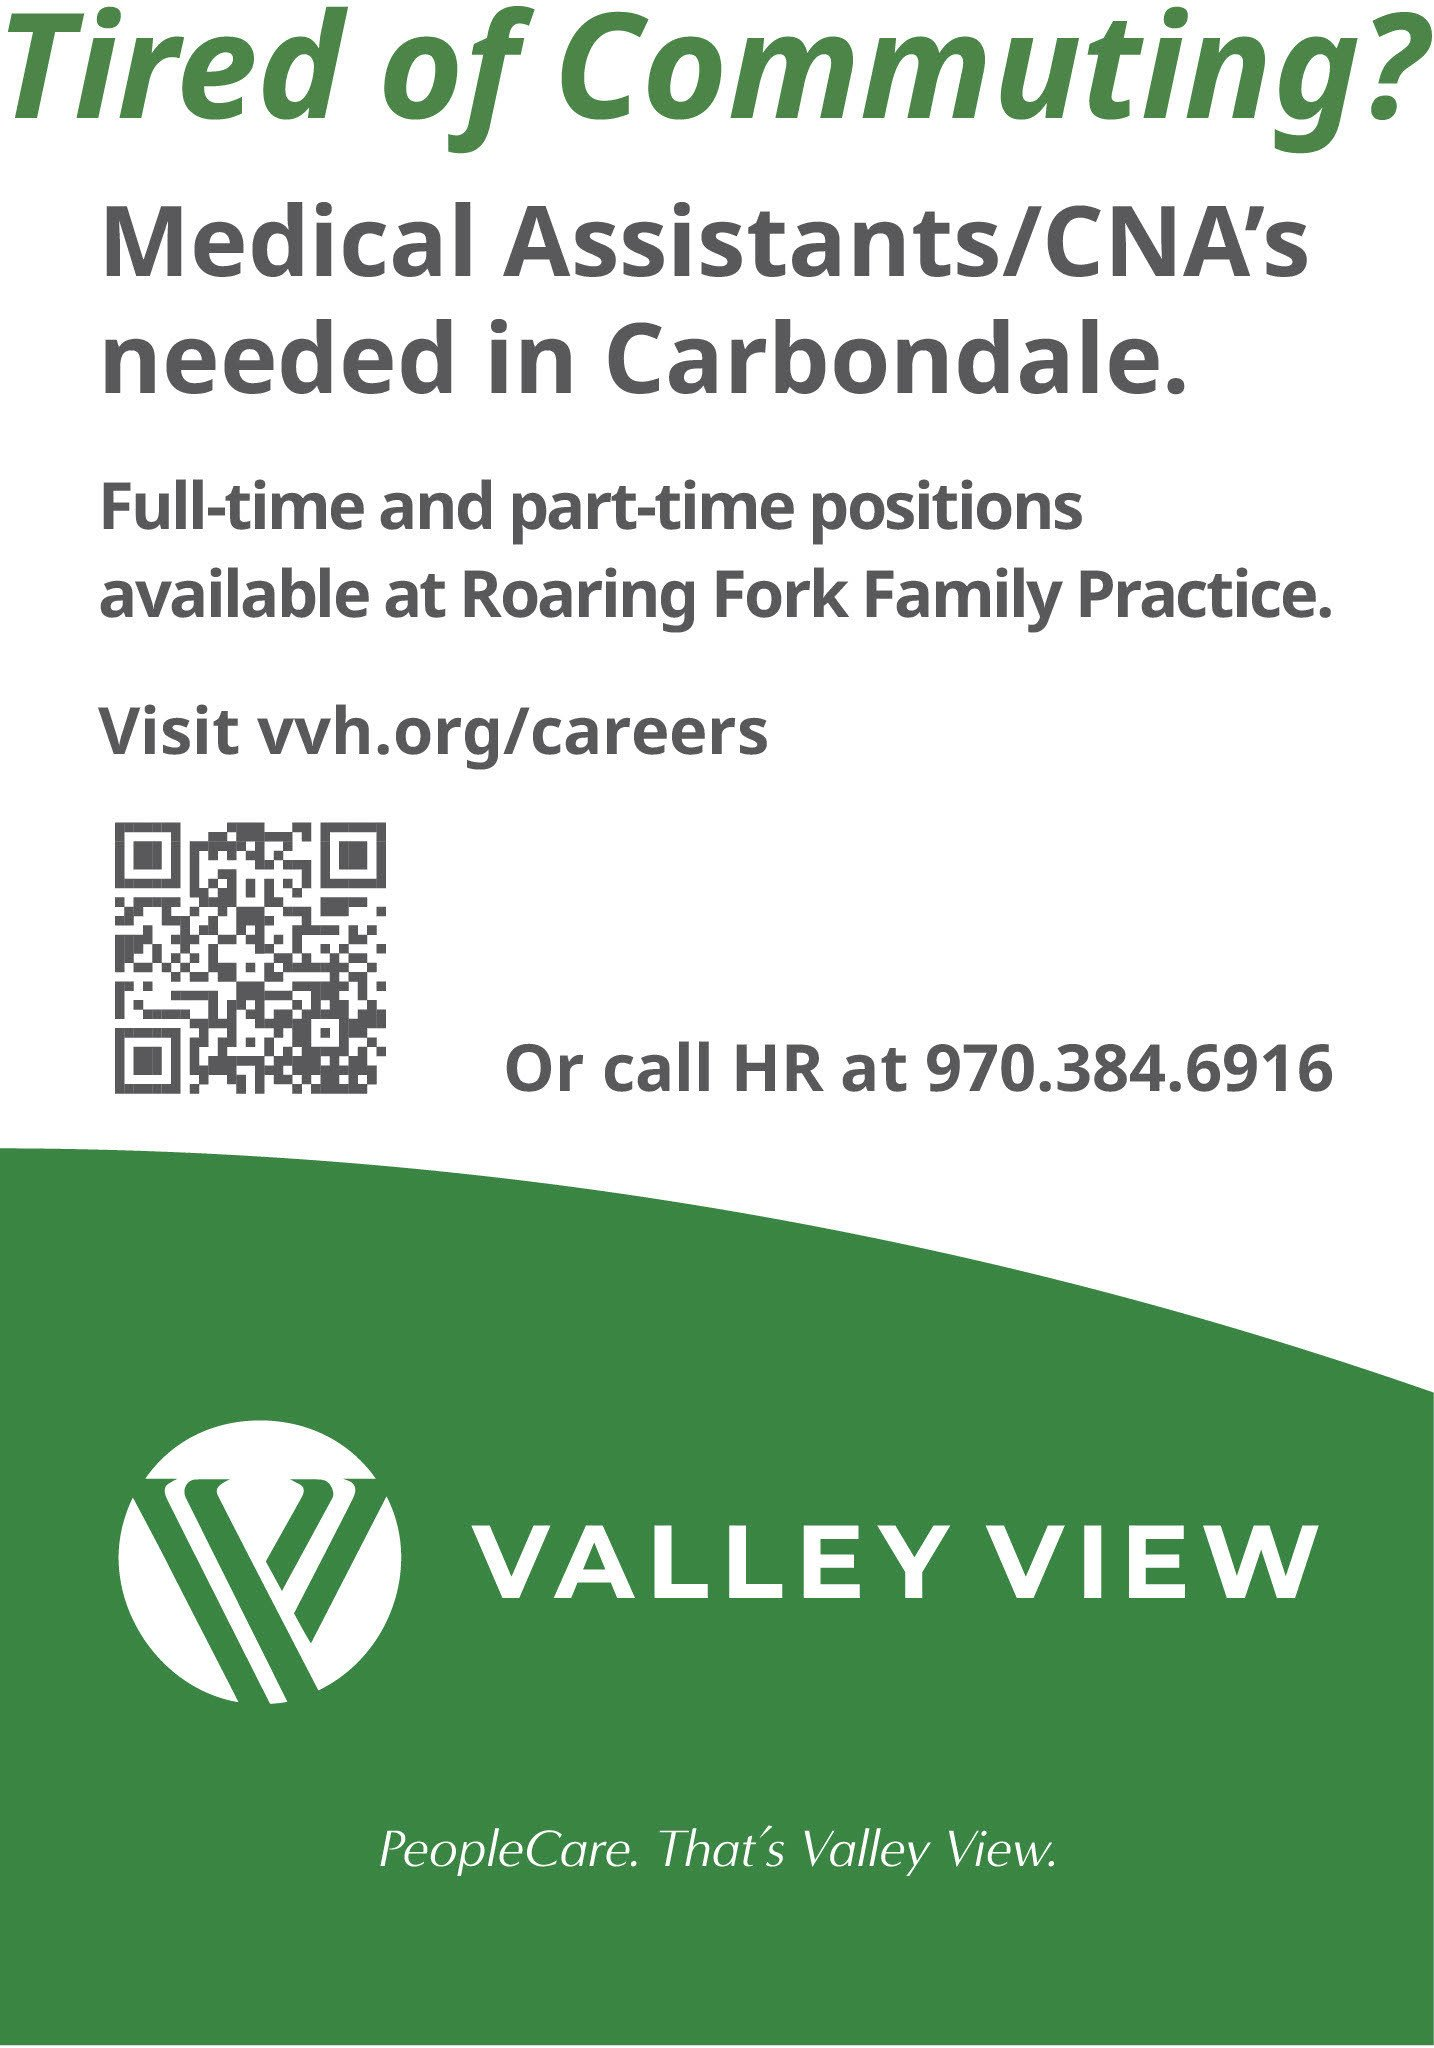 Valley View Hiring thumbnail